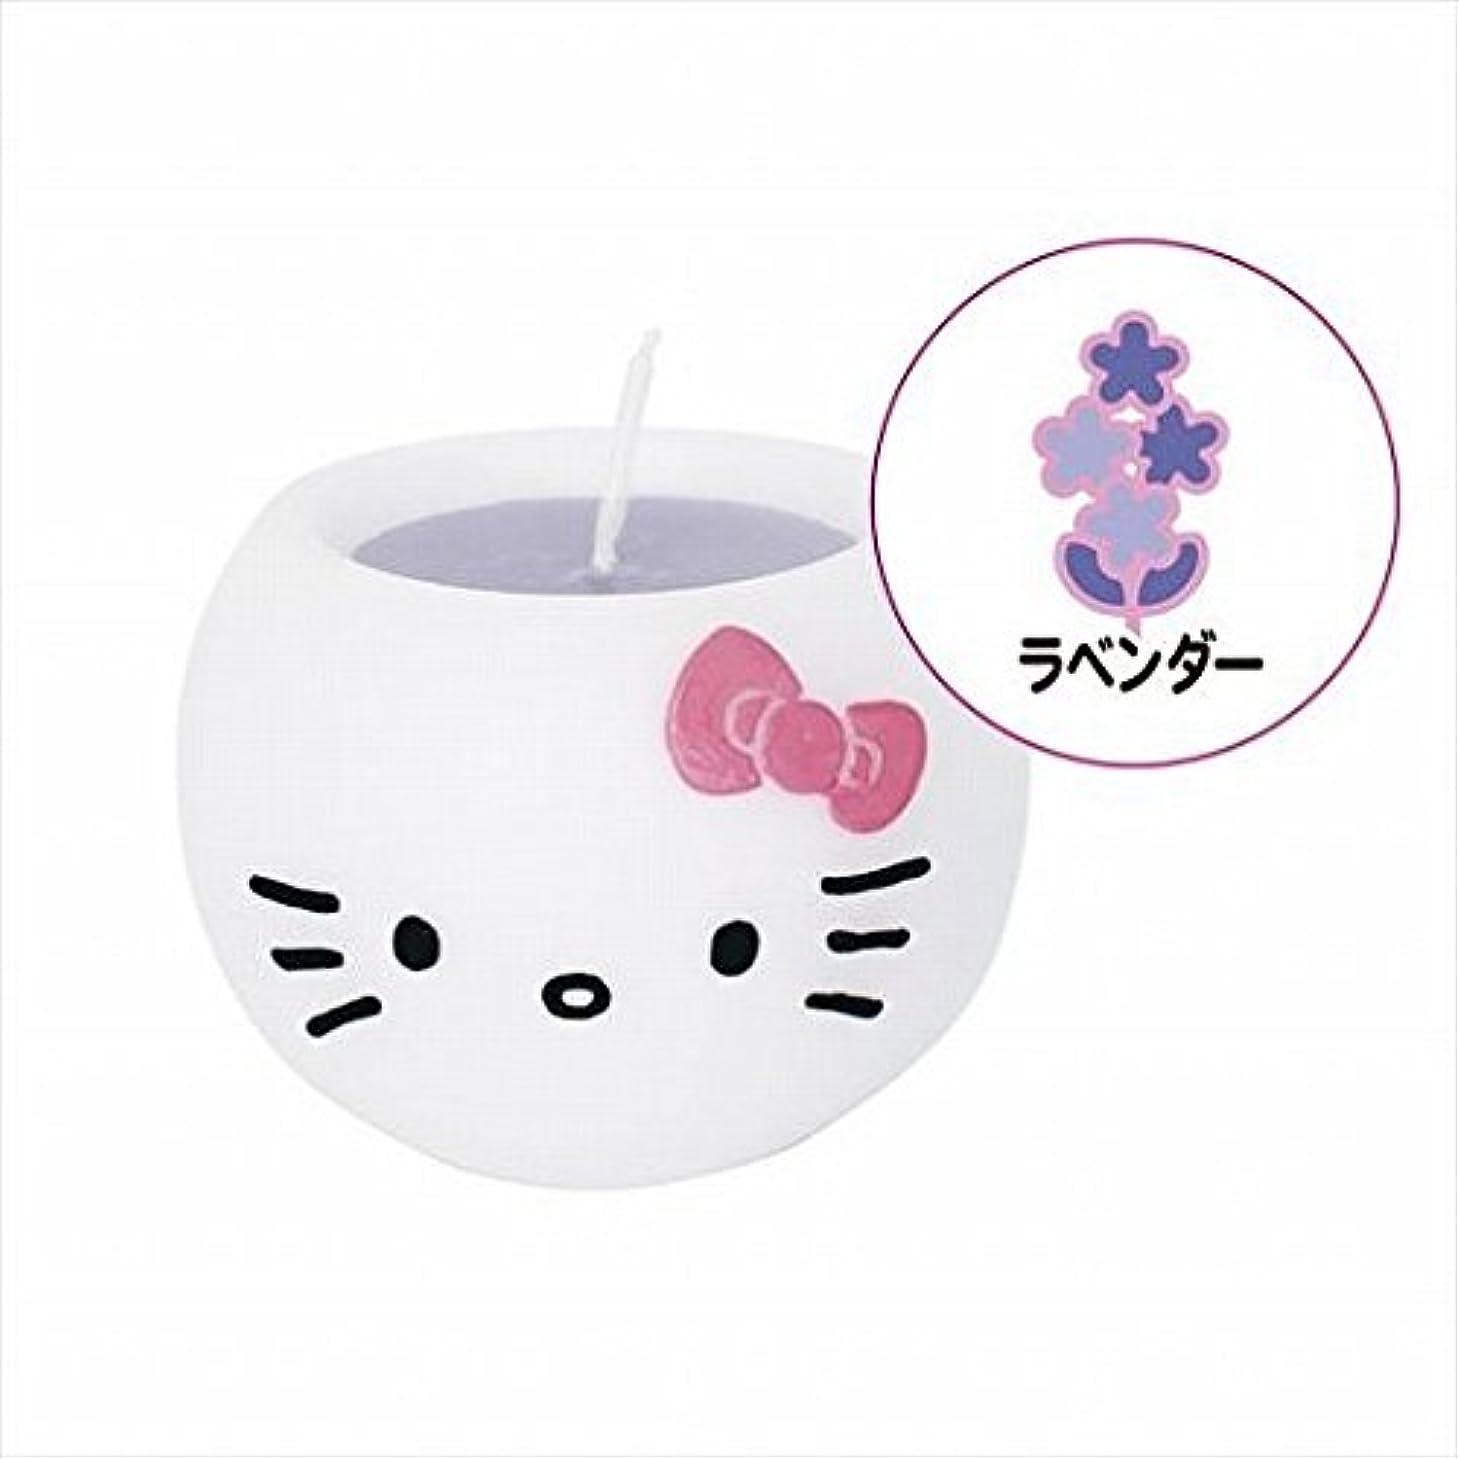 パパ絡み合い債務者kameyama candle(カメヤマキャンドル) ハローキティアロマキャンドル 「 ラベンダー 」 キャンドル 58x58x45mm (A6980520)